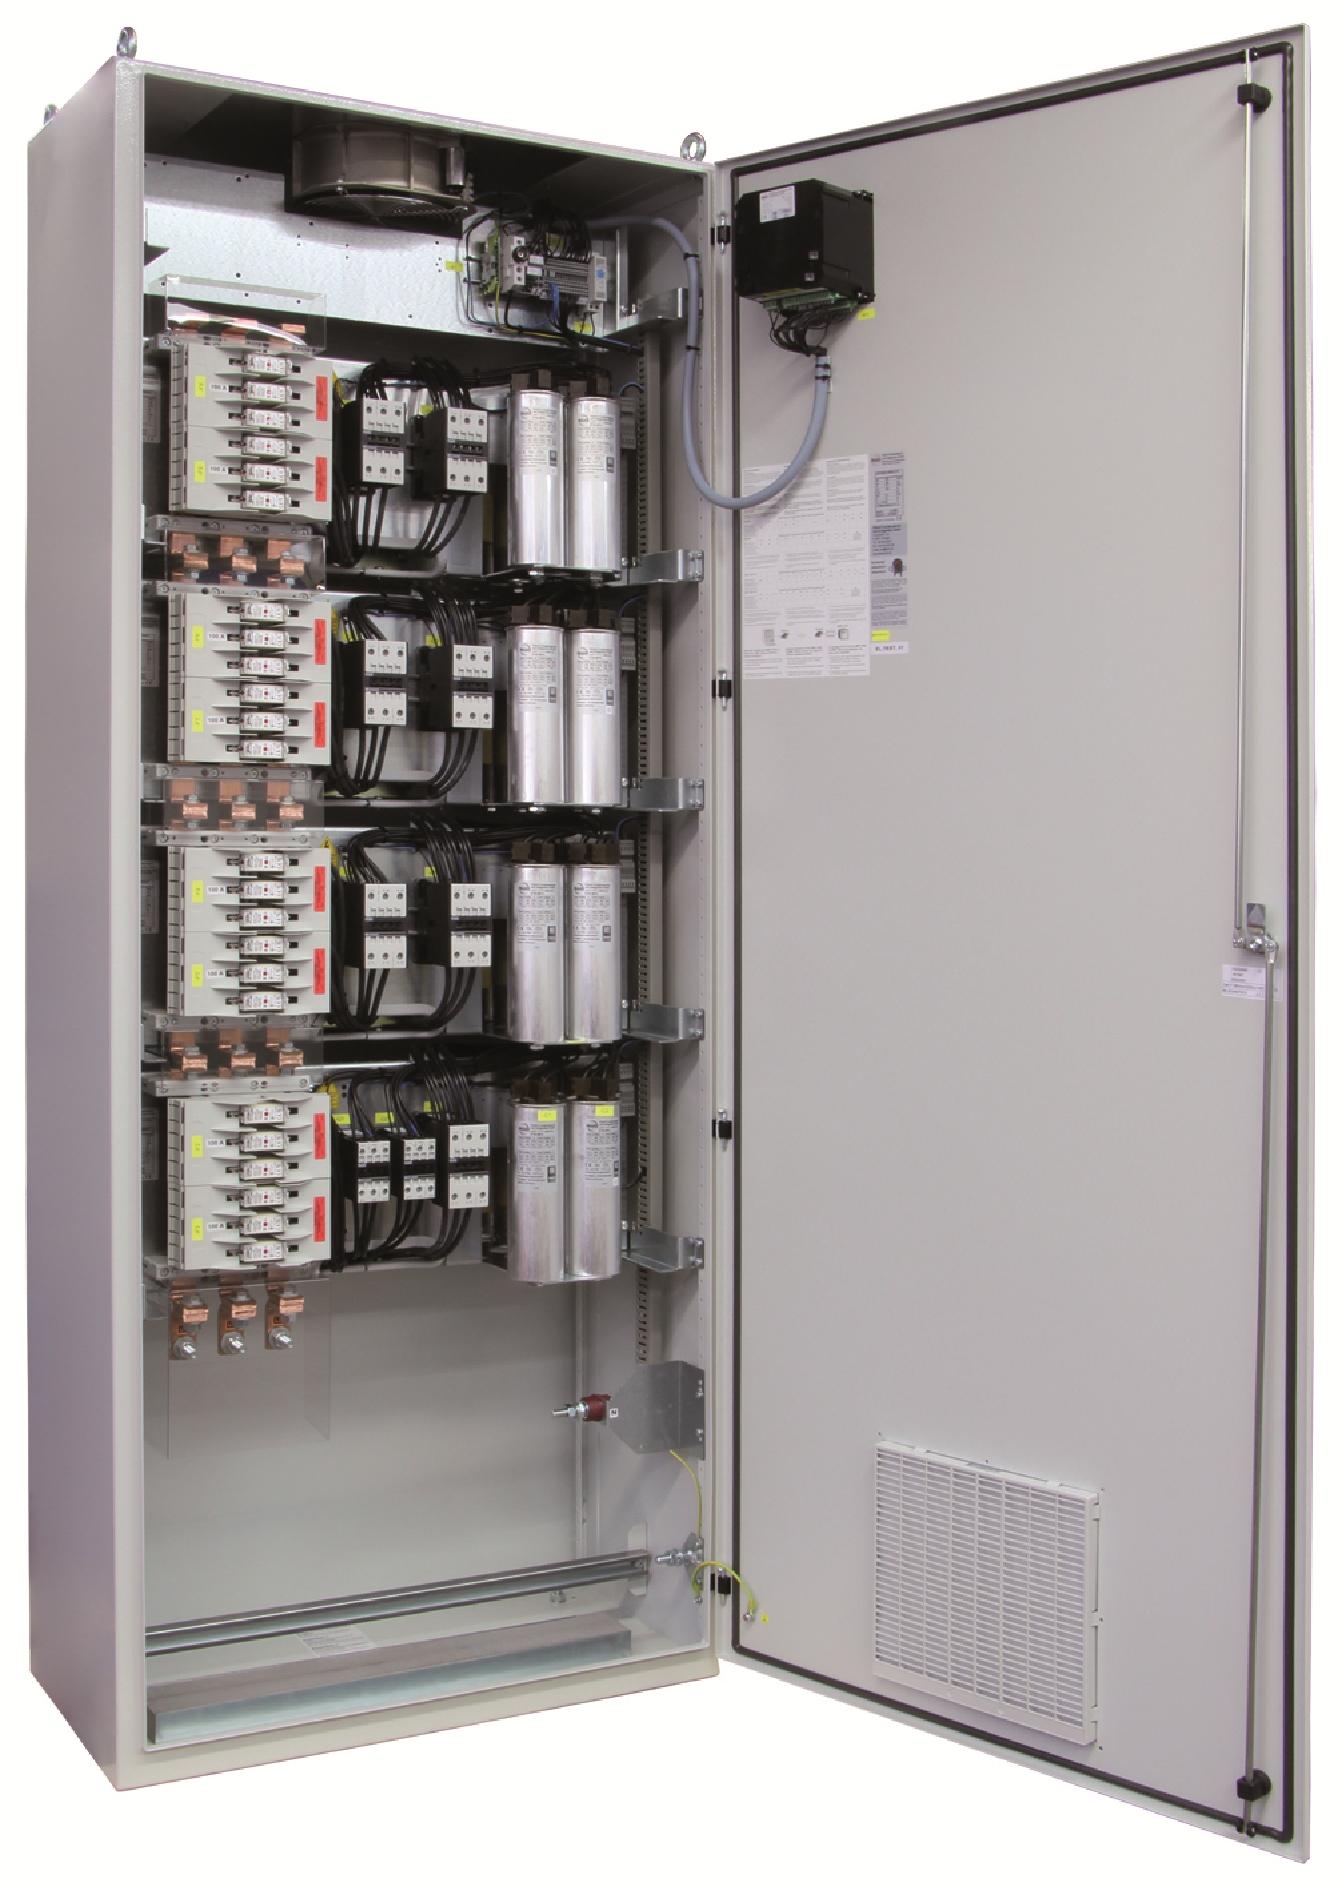 1 Stk Kompensation LSFC 14% 125/25kvar 800x2110x500mm FR3422632-